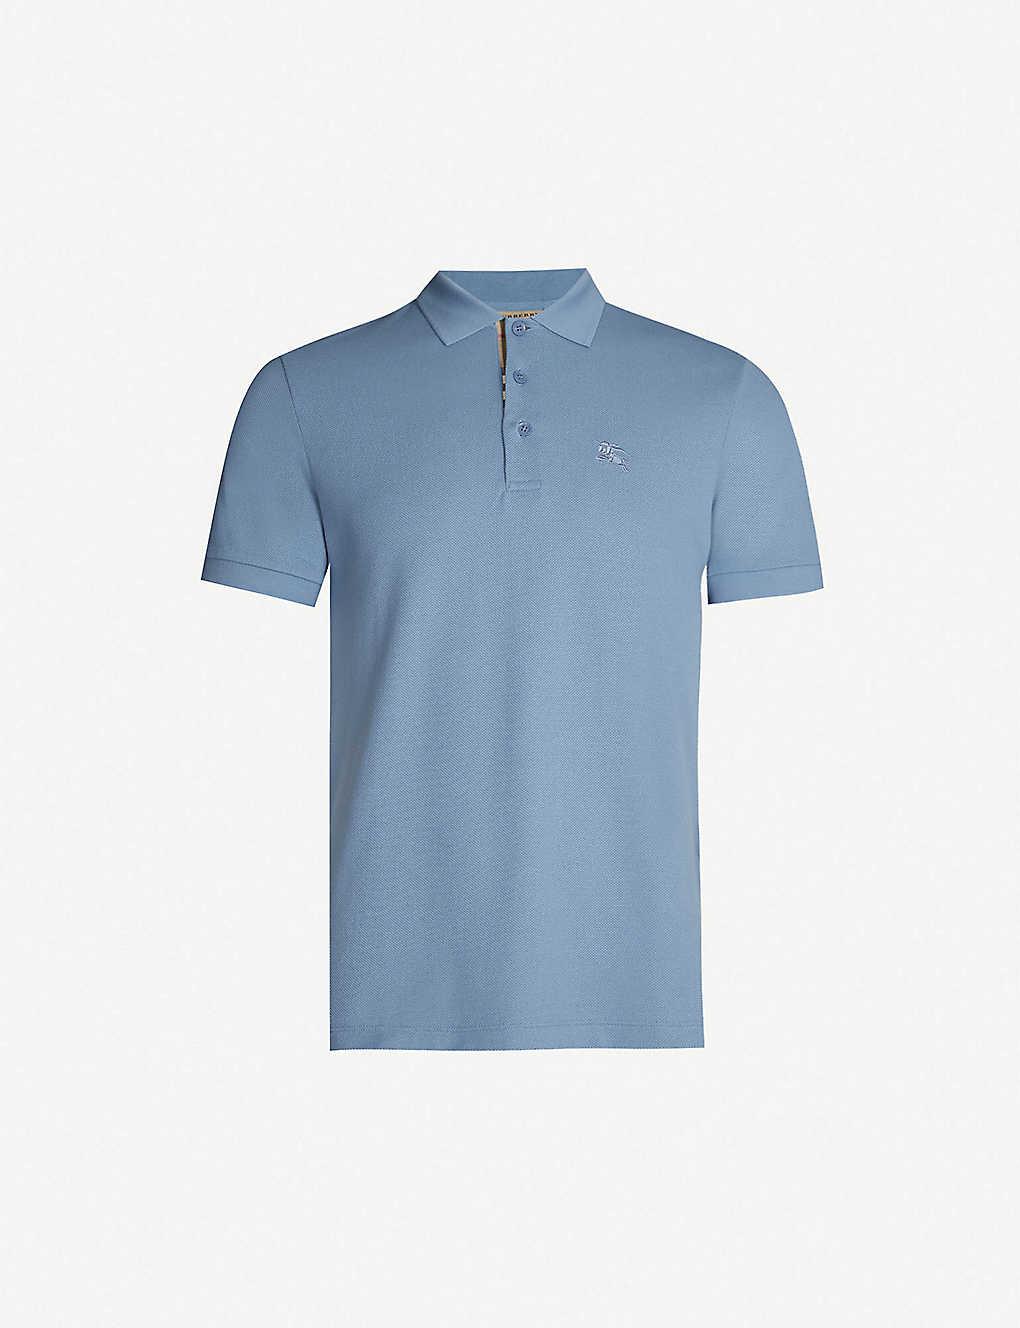 1d2a75f6 BURBERRY - Hartford checked cotton piqué polo shirt | Selfridges.com